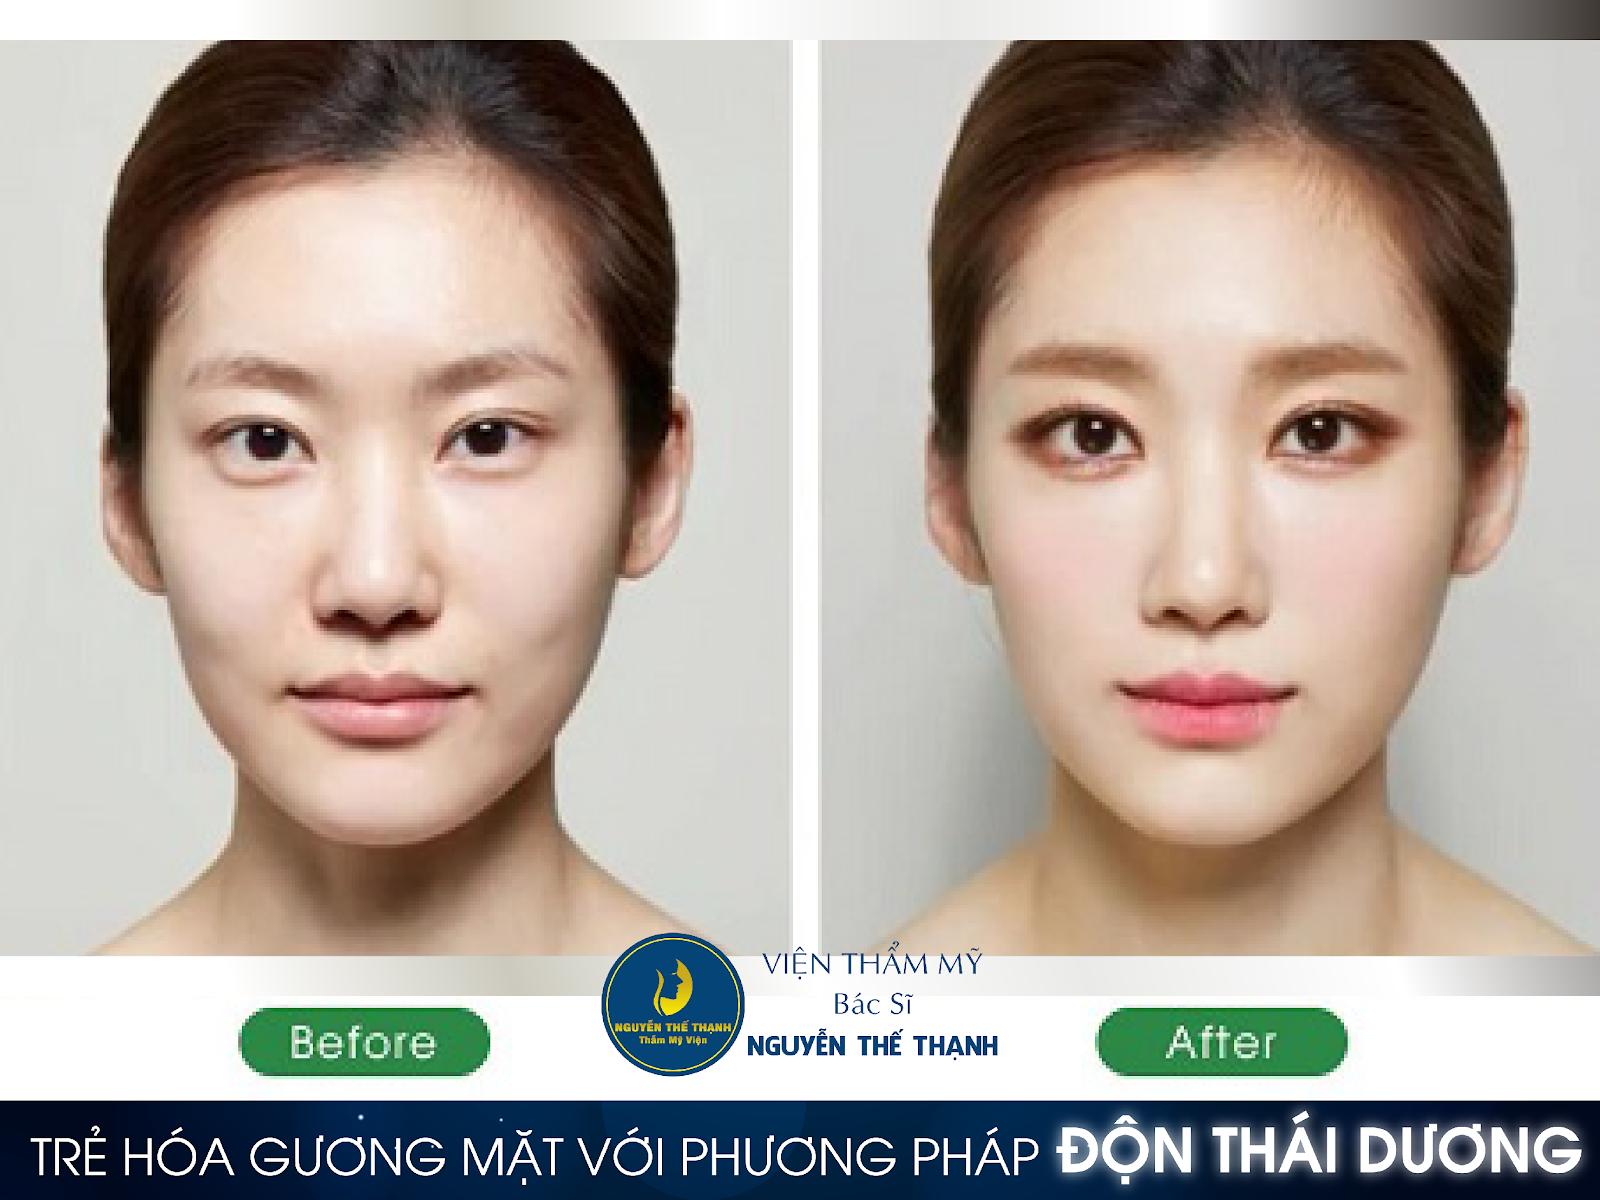 Trẻ hóa gương mặt với phương pháp độn thái dương - Ảnh 3